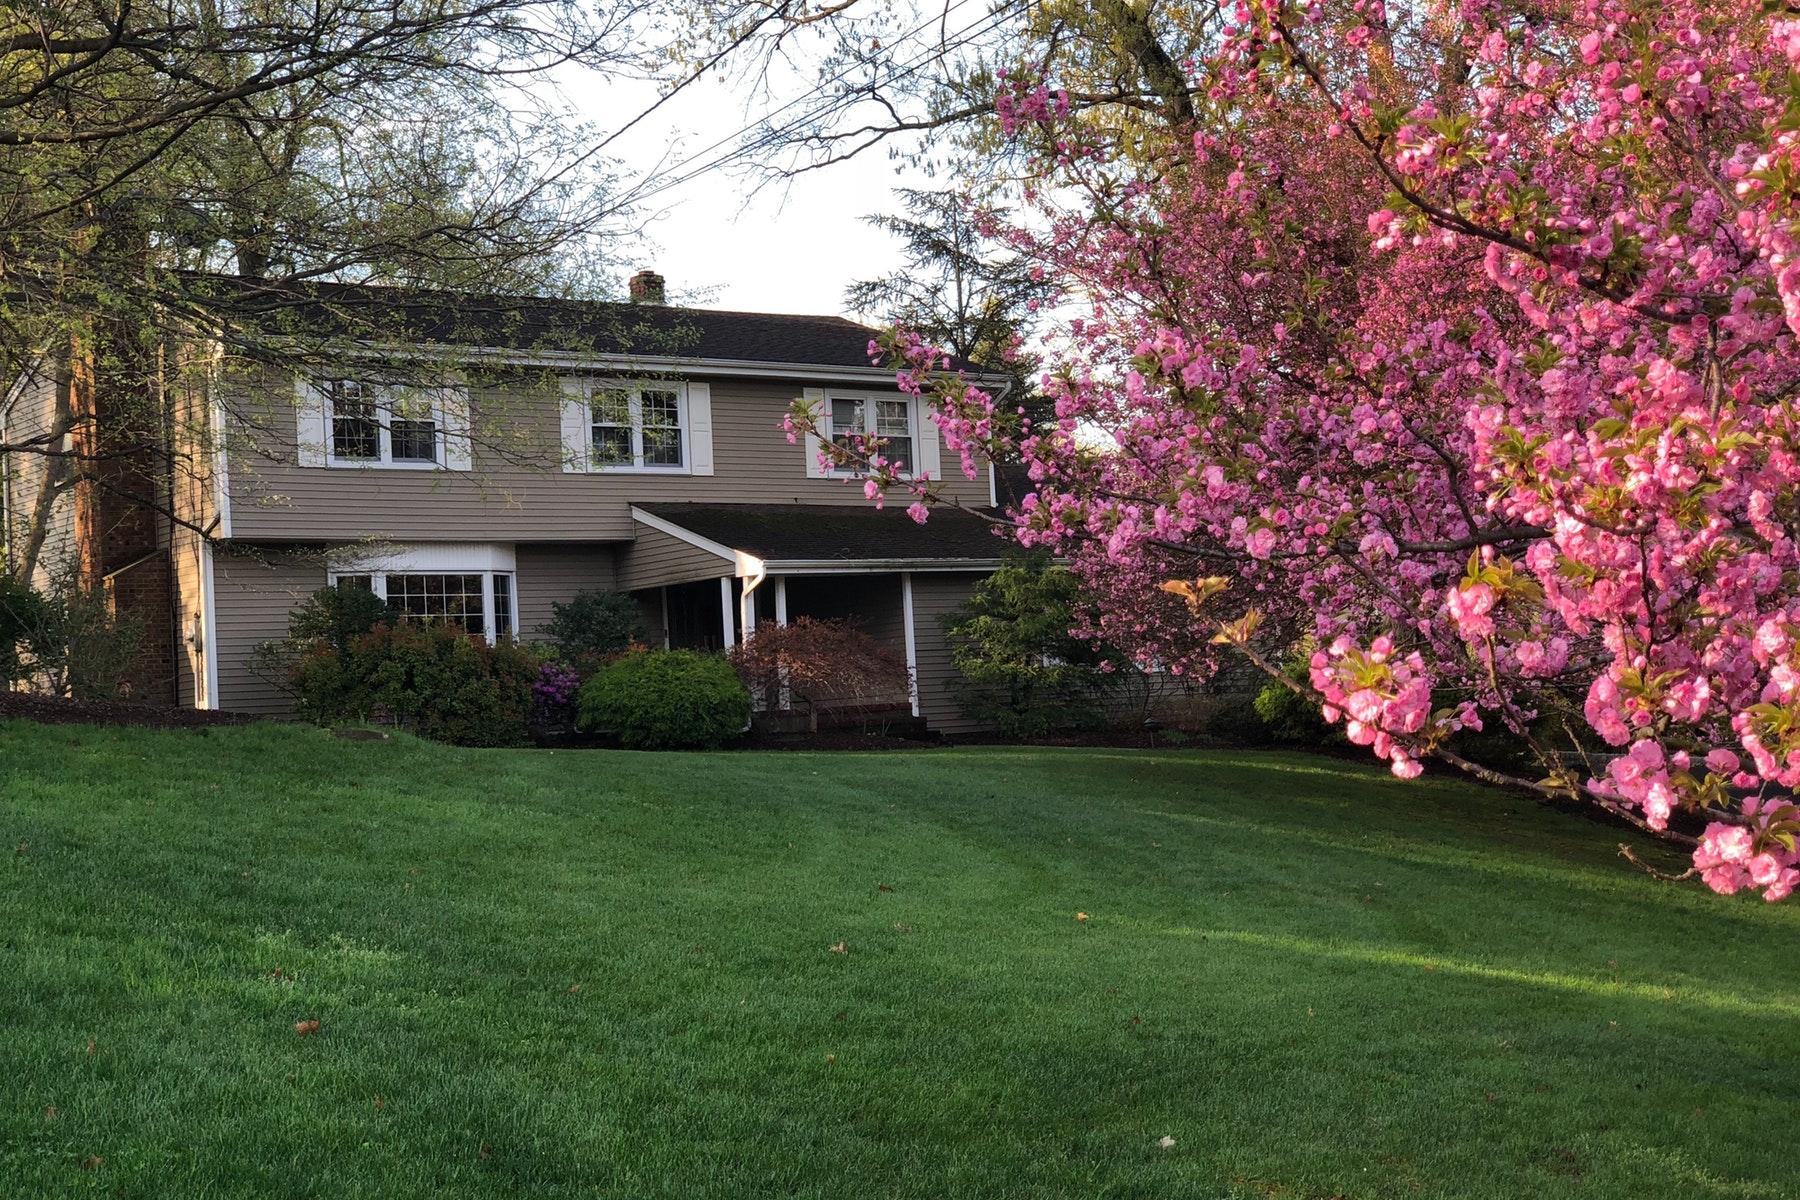 Частный односемейный дом для того Продажа на Gem on a Cul-De-Sac 221 Wayfair Circle, North Haledon, Нью-Джерси 07417 Соединенные Штаты